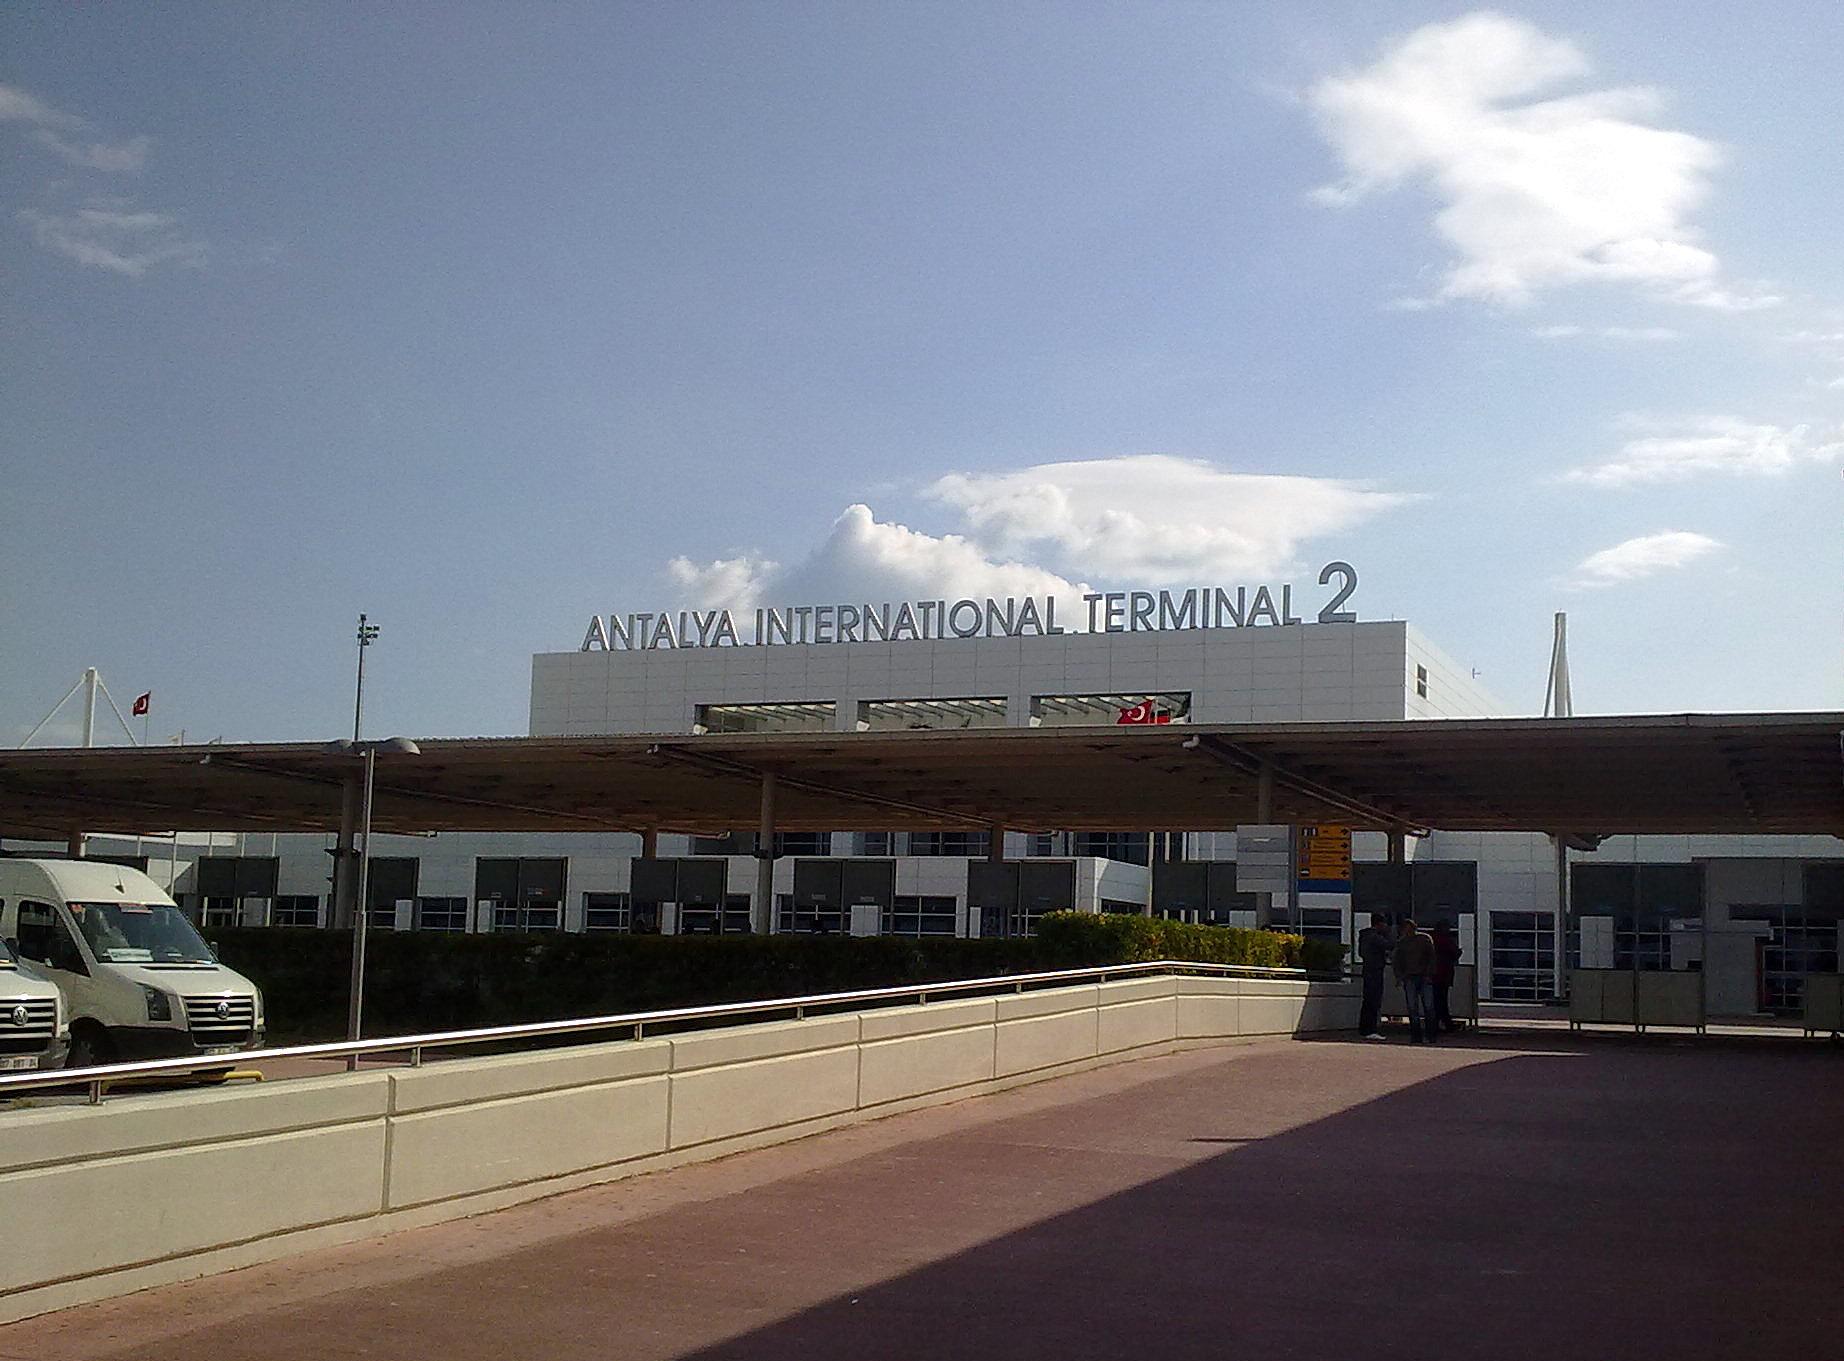 Стамбульский международный аэропорт им.Сабахи Гёкчен (это была первая в мире женщина-военный пилот) - менее масштабен...